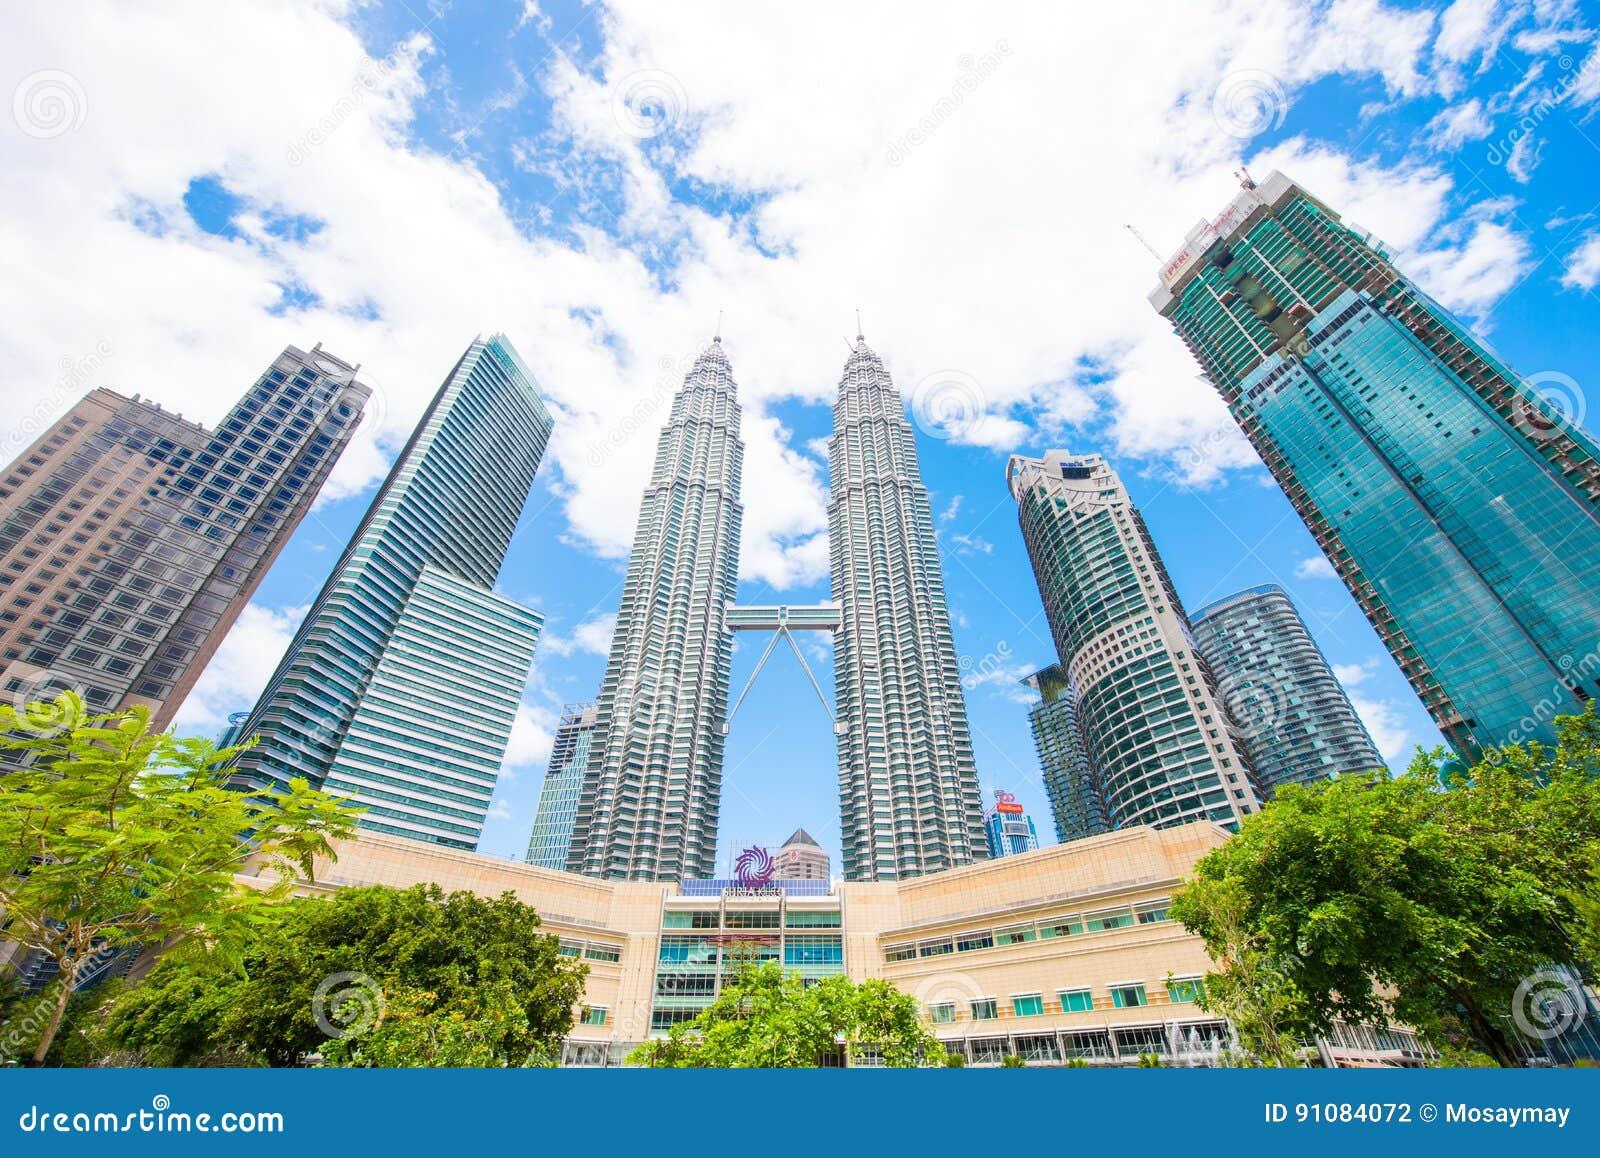 Malaysia 12 febuary 2017 petronas tower symbol of kuala lum malaysia 12 febuary 2017 petronas tower symbol of kuala lum editorial stock photo buycottarizona Gallery